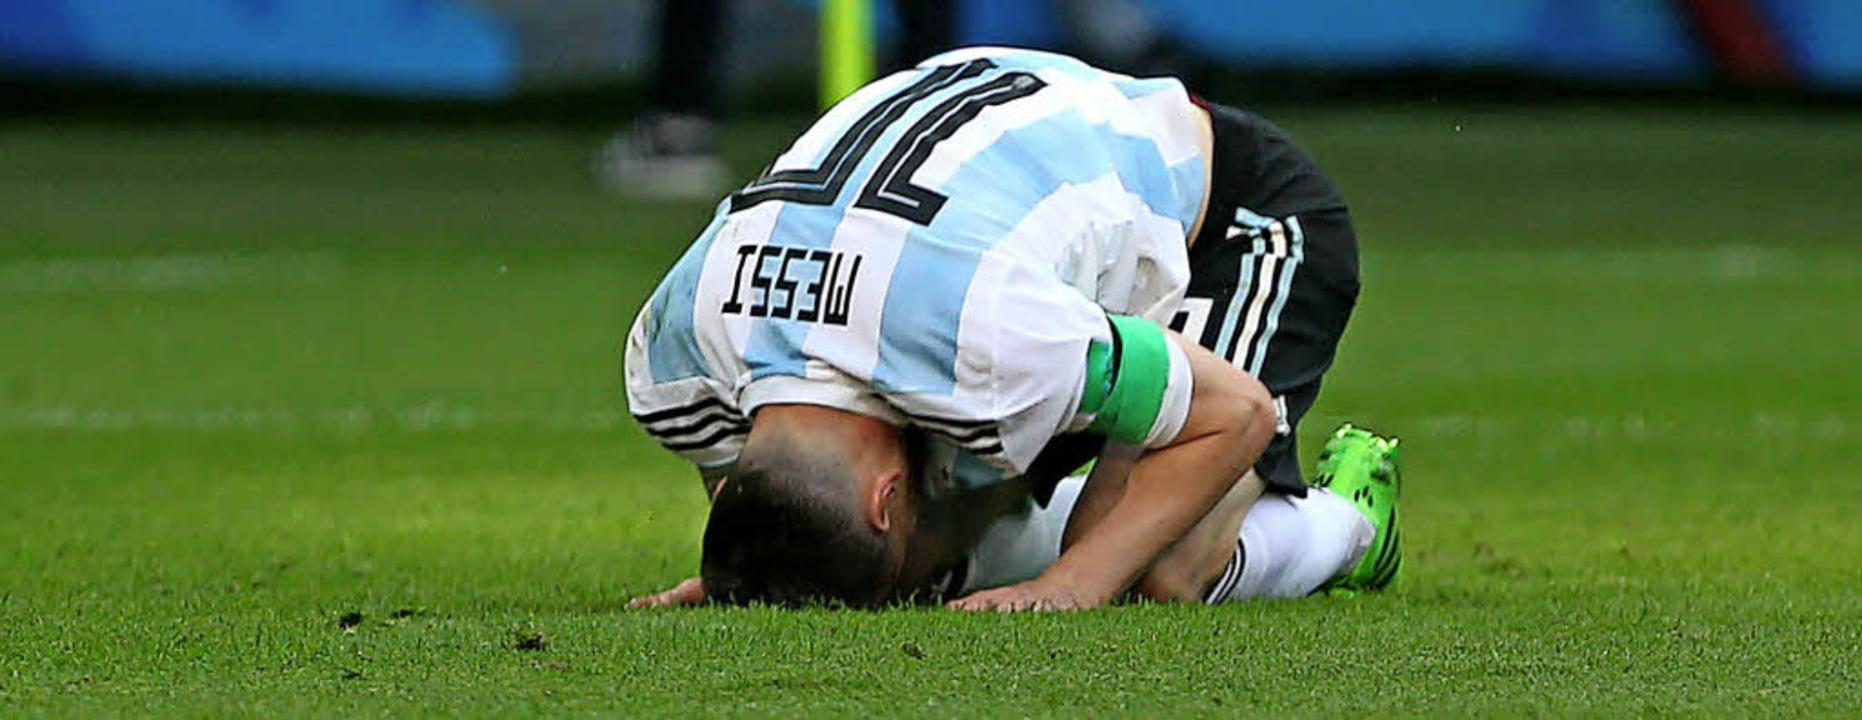 Enttäuscht bei der WM in Russland: Lionel Messi   | Foto: dpa